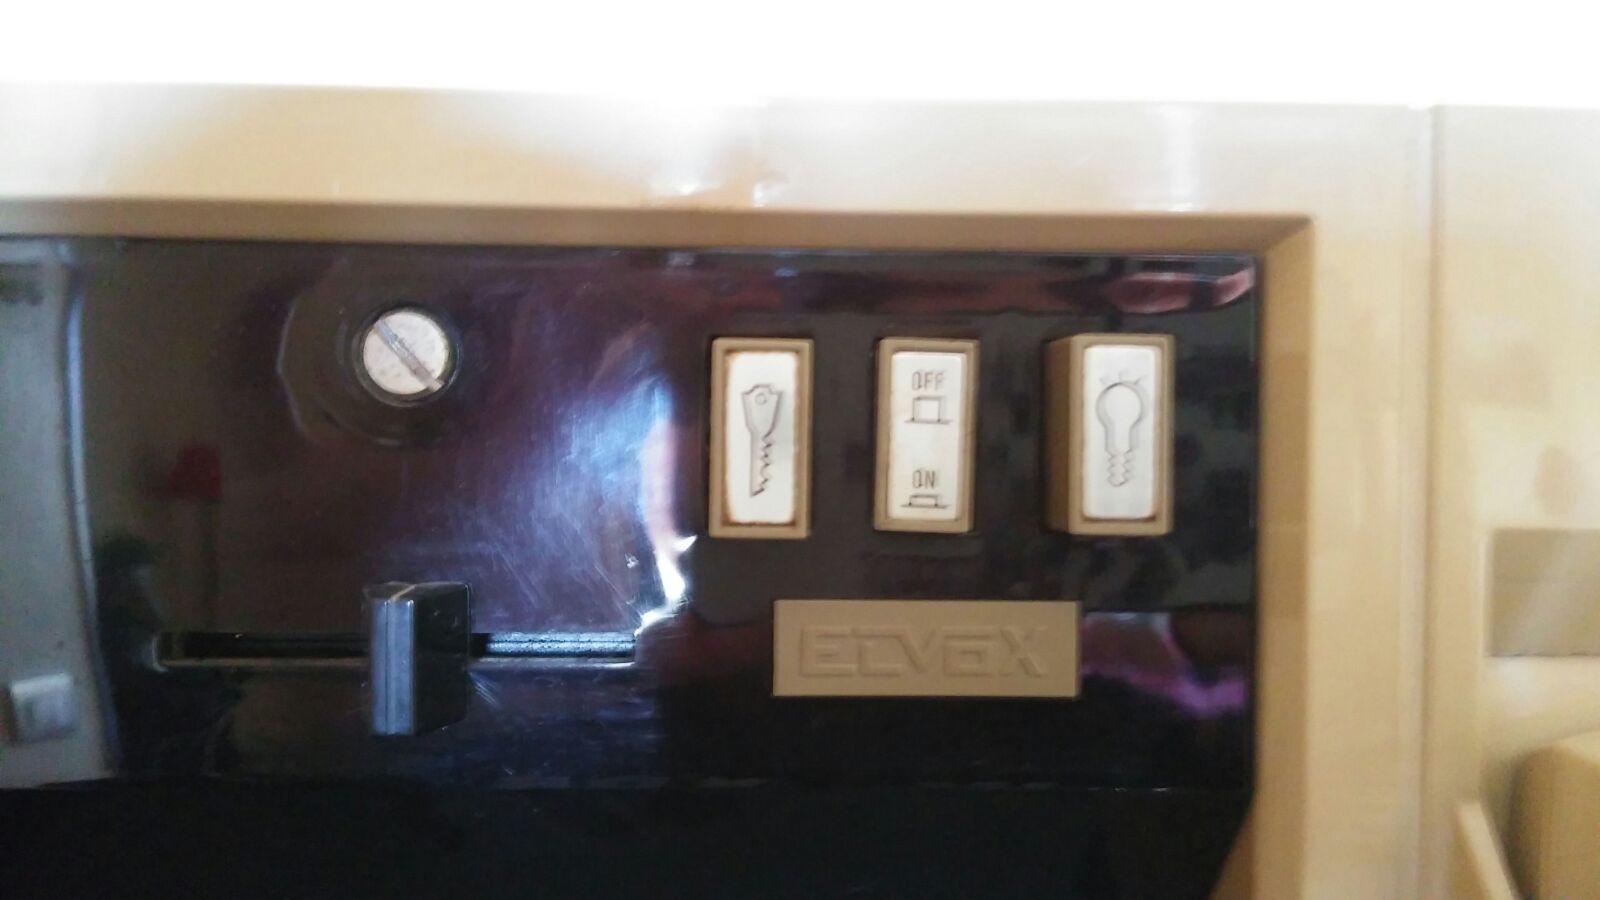 Sostituzione riparazione vecchio videocitofono for Videocitofono condominiale